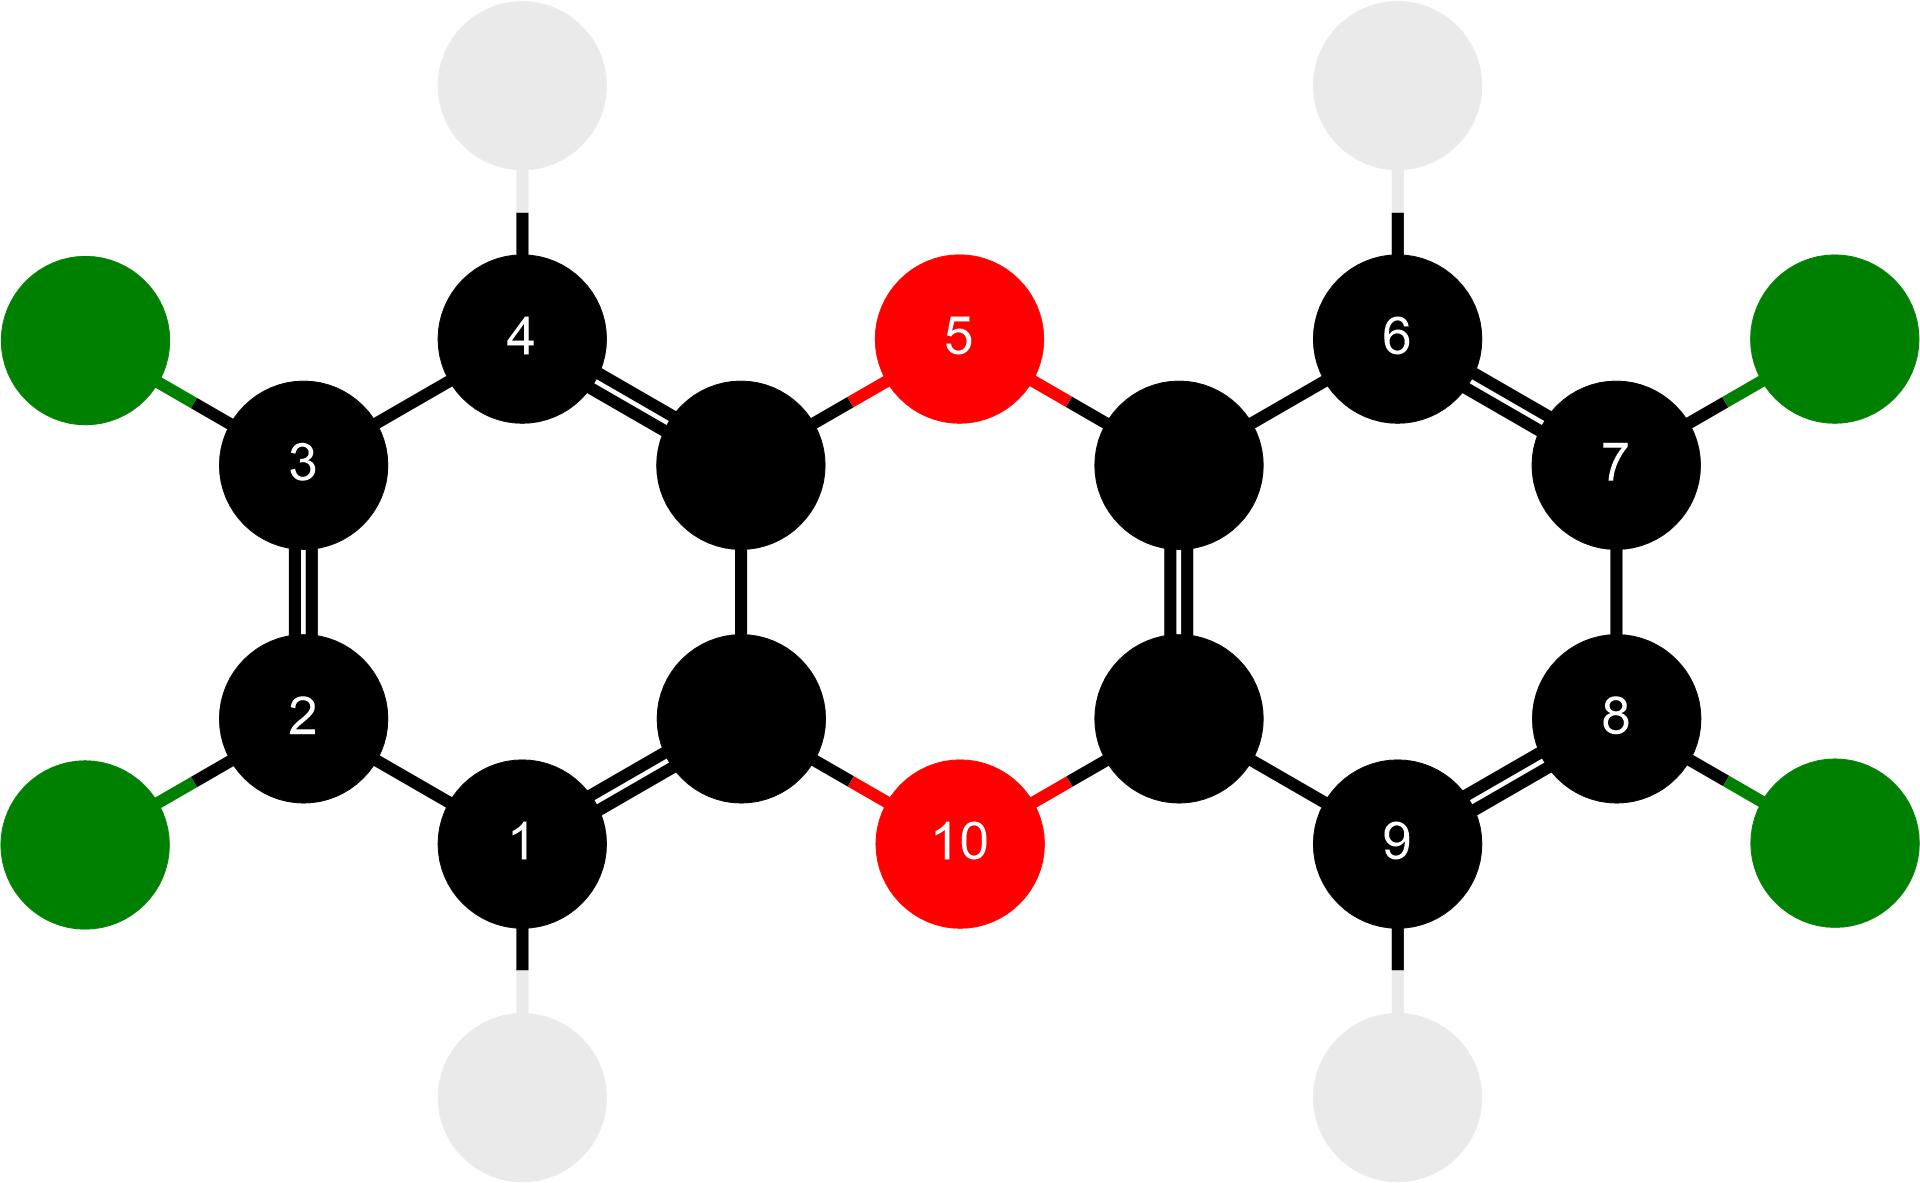 2,3,6,7-Tetrachlorodibenzo-para-dioxin